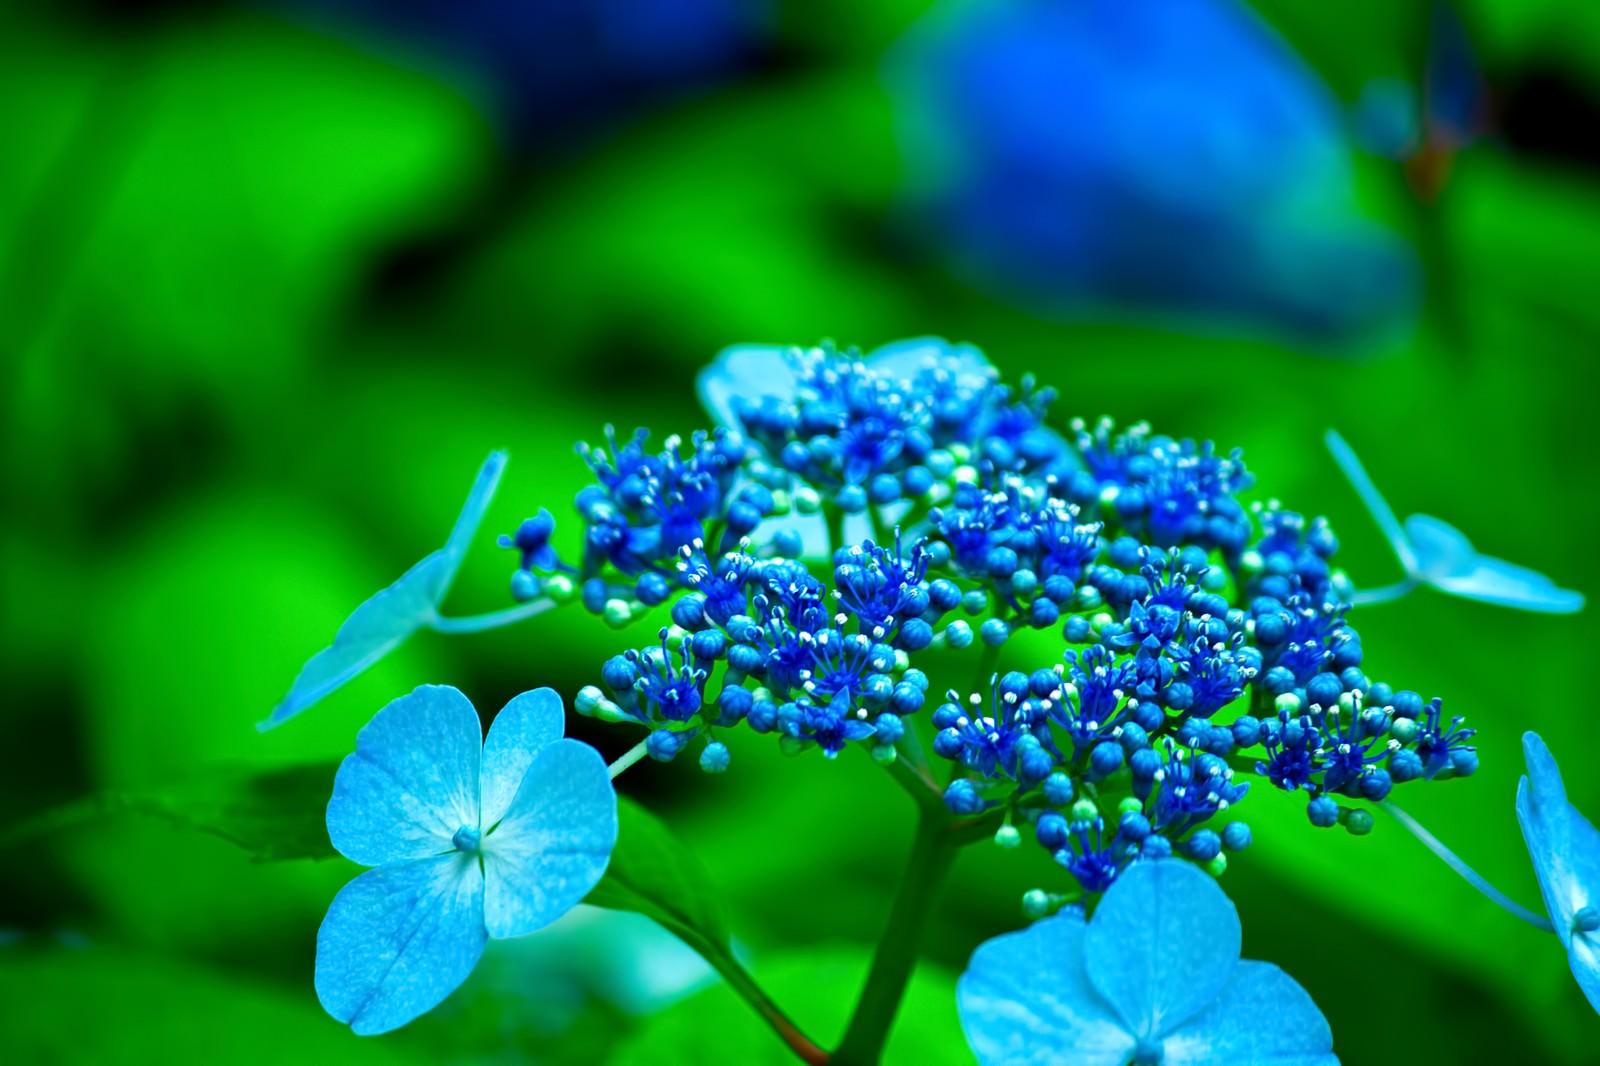 「青いガクアジサイ青いガクアジサイ」のフリー写真素材を拡大